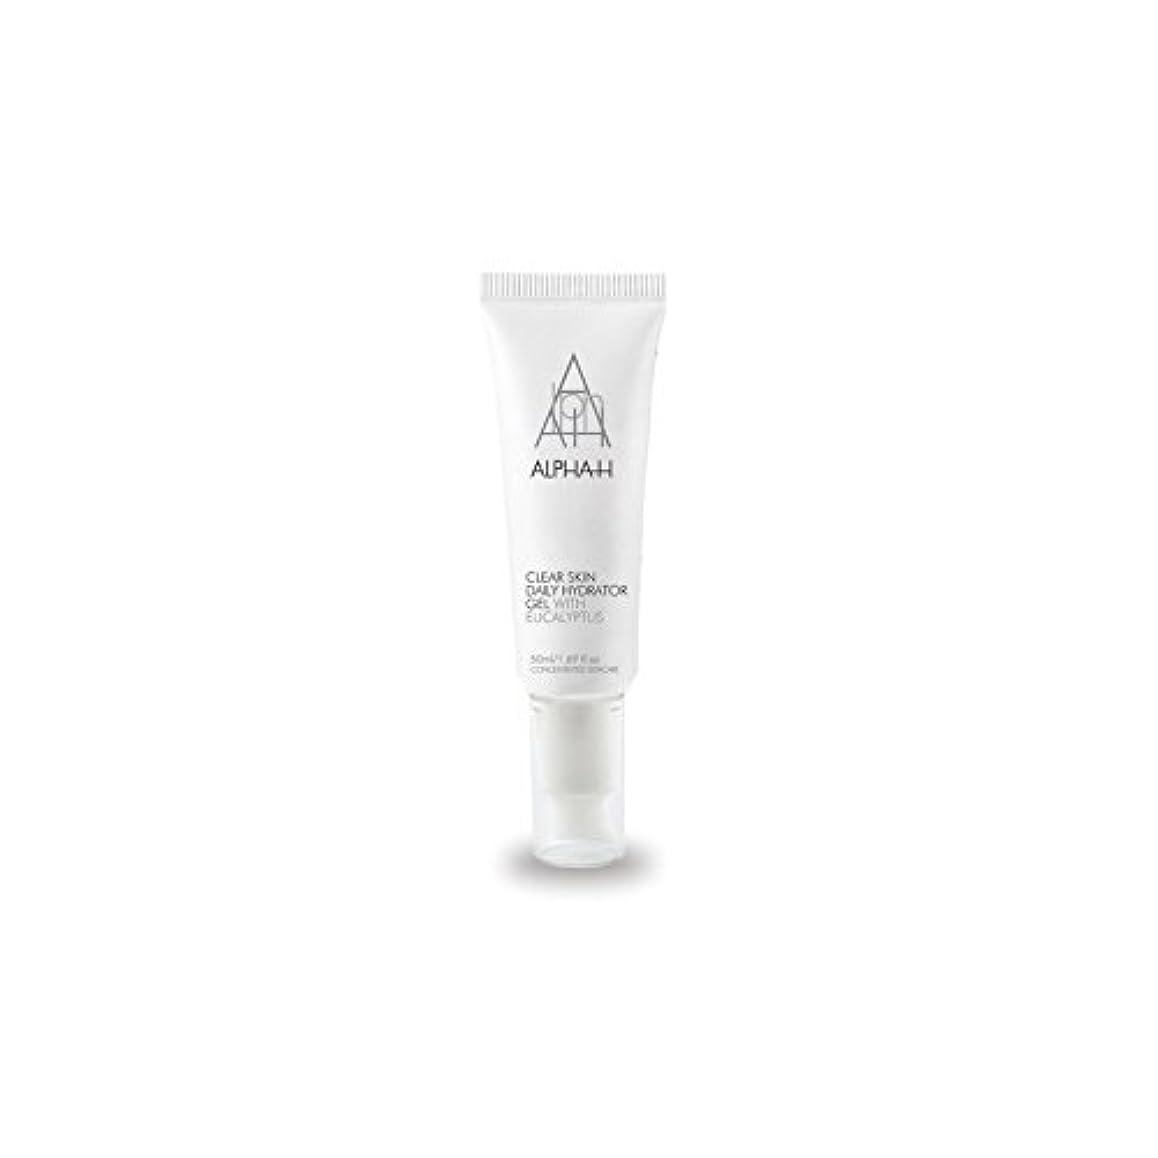 浴酔ってコンテストAlpha-H Clear Skin Daily Hydrator Gel (50ml) - アルファクリア皮膚毎日ハイドレーターゲル(50)中 [並行輸入品]